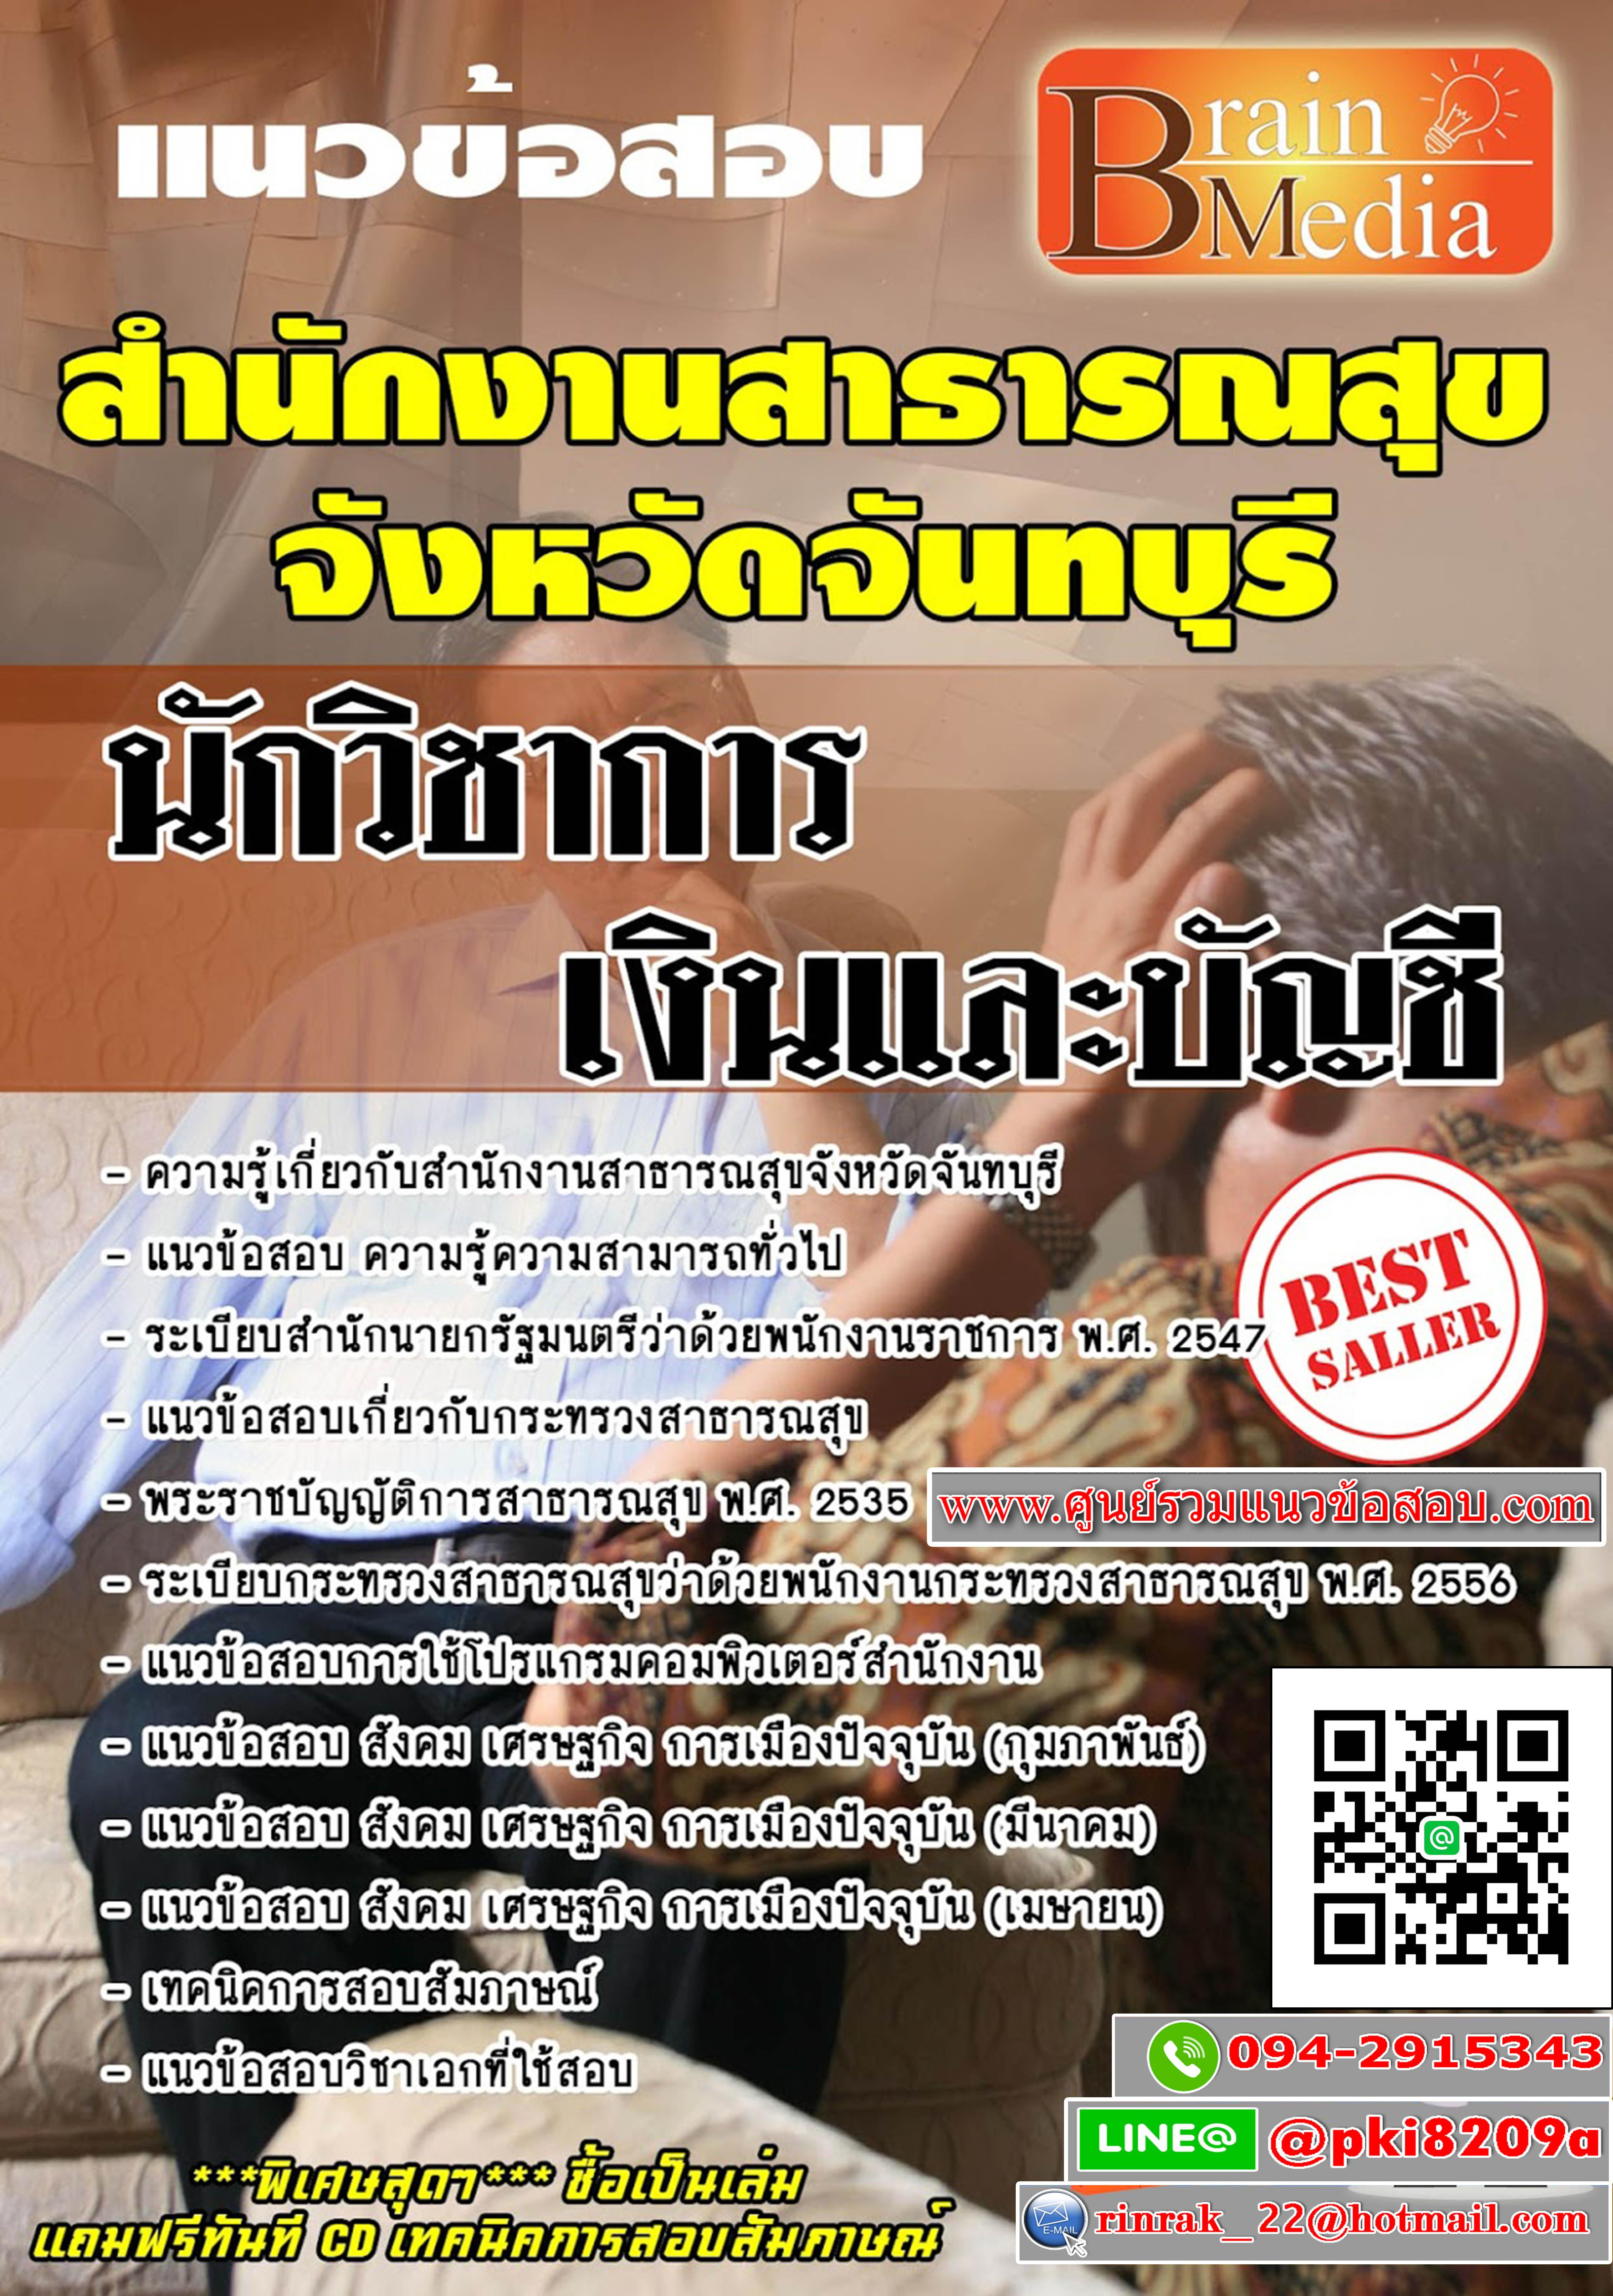 แนวข้อสอบ นักวิชาการเงินและบัญชี สำนักงานสาธารณสุขจังหวัดจันทบุรี